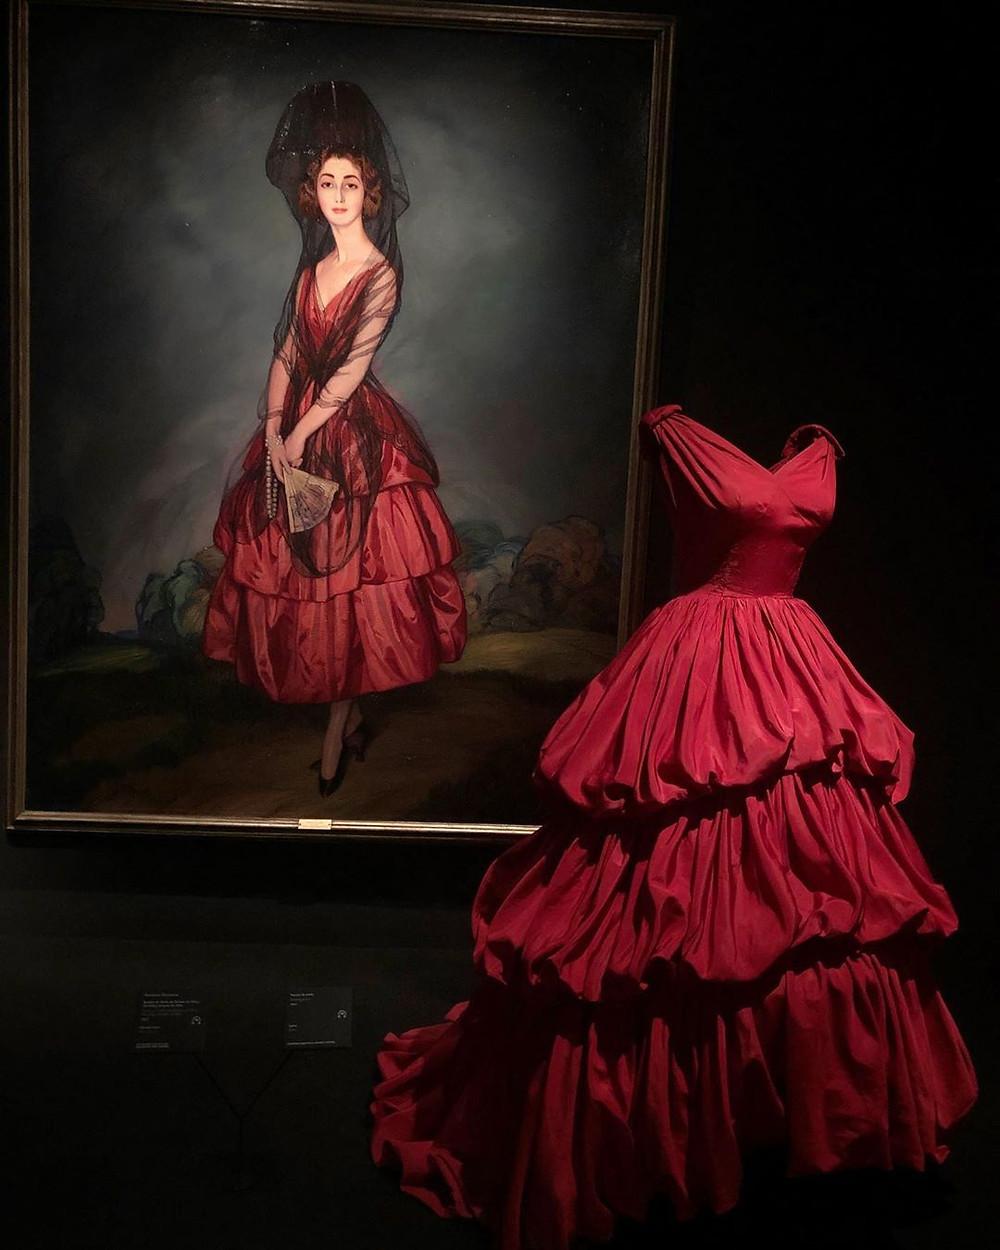 Бальное платье от Кристобаля Баленсиага (1952 год) и портрет «Донья Мария дель Росариo де Сильва и Гуртубай, 17-я герцогиня Альба» от Игнасио Сулоага (1921 год)